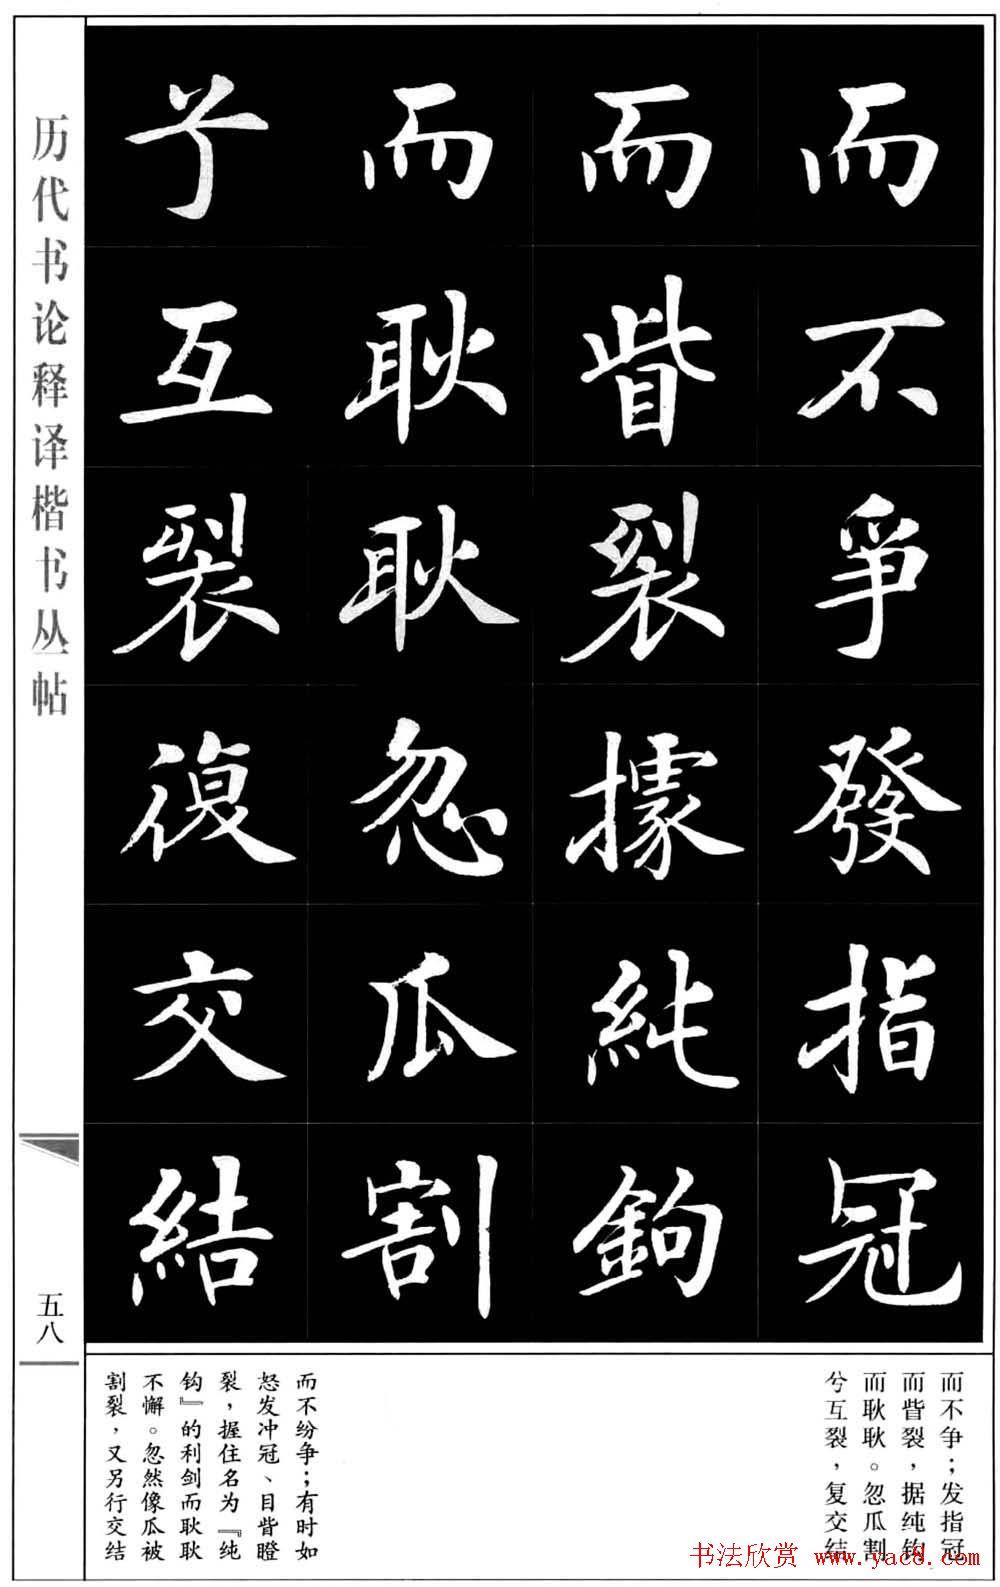 房弘毅书法字帖 王羲之书论四篇 第58页 楷书字帖 书法欣赏图片